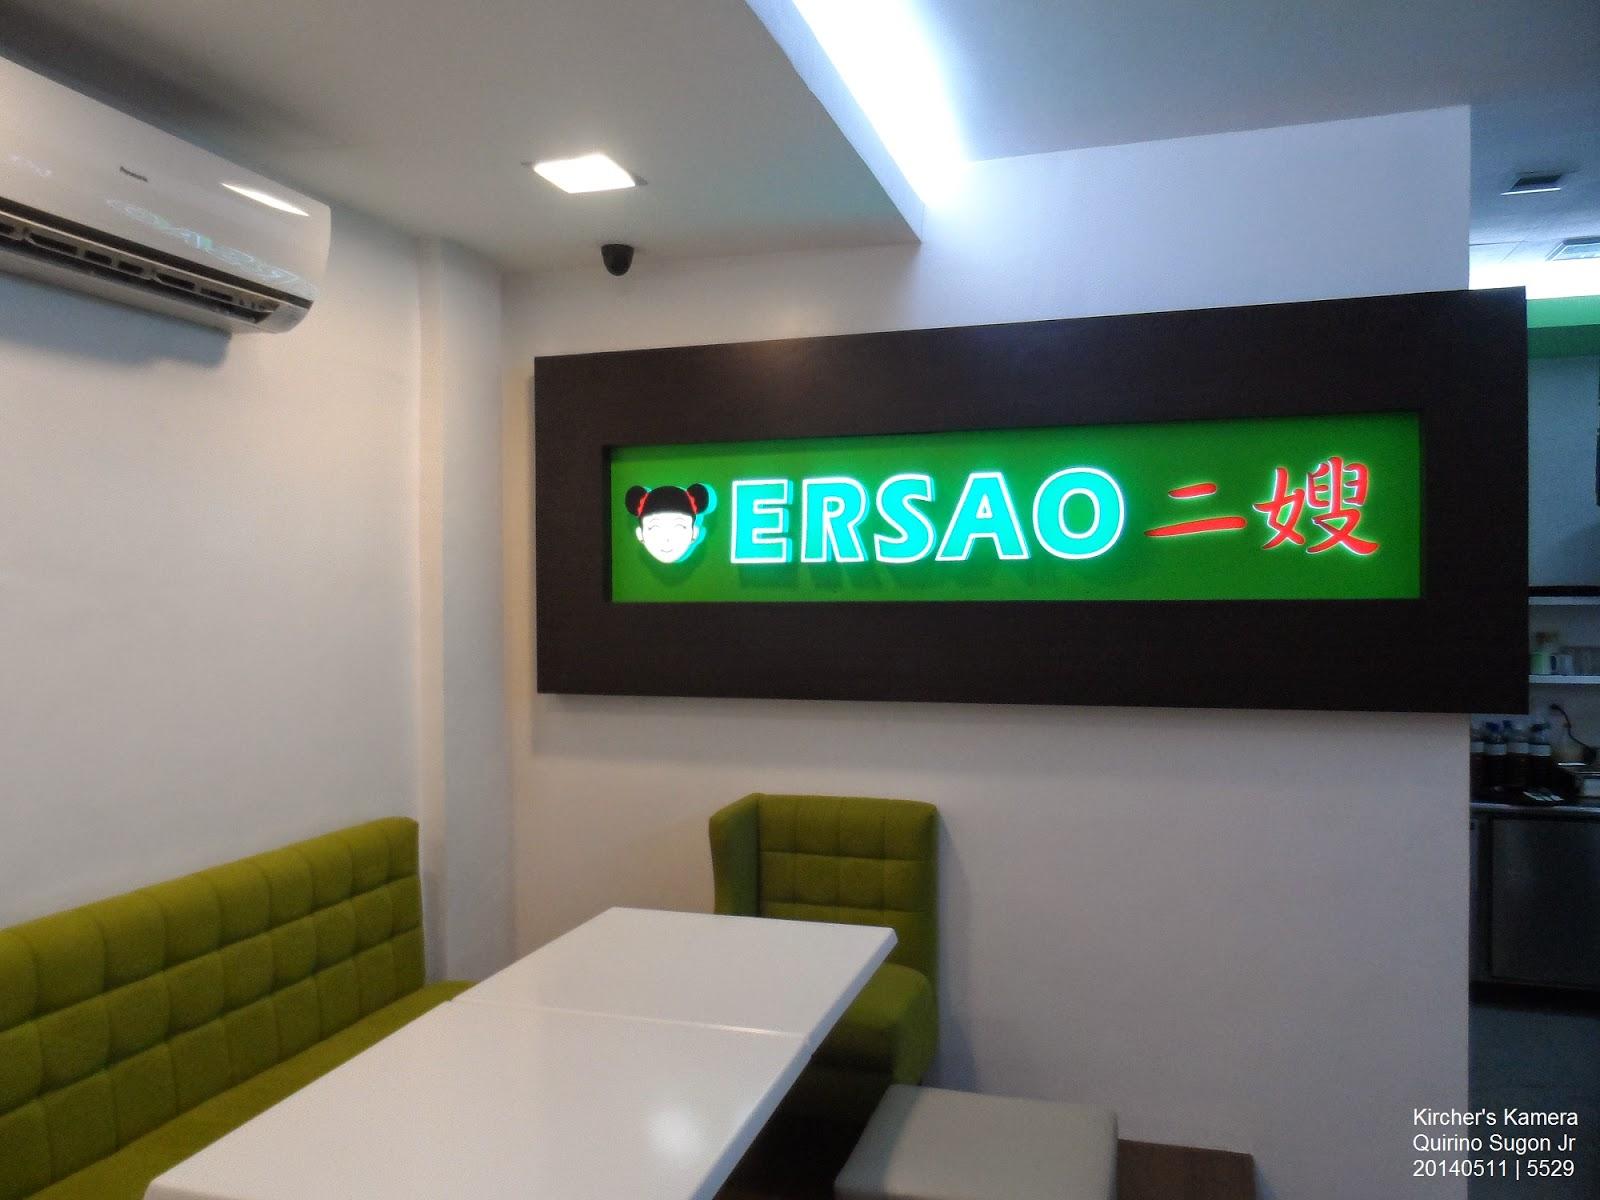 Ersao's name and logo.